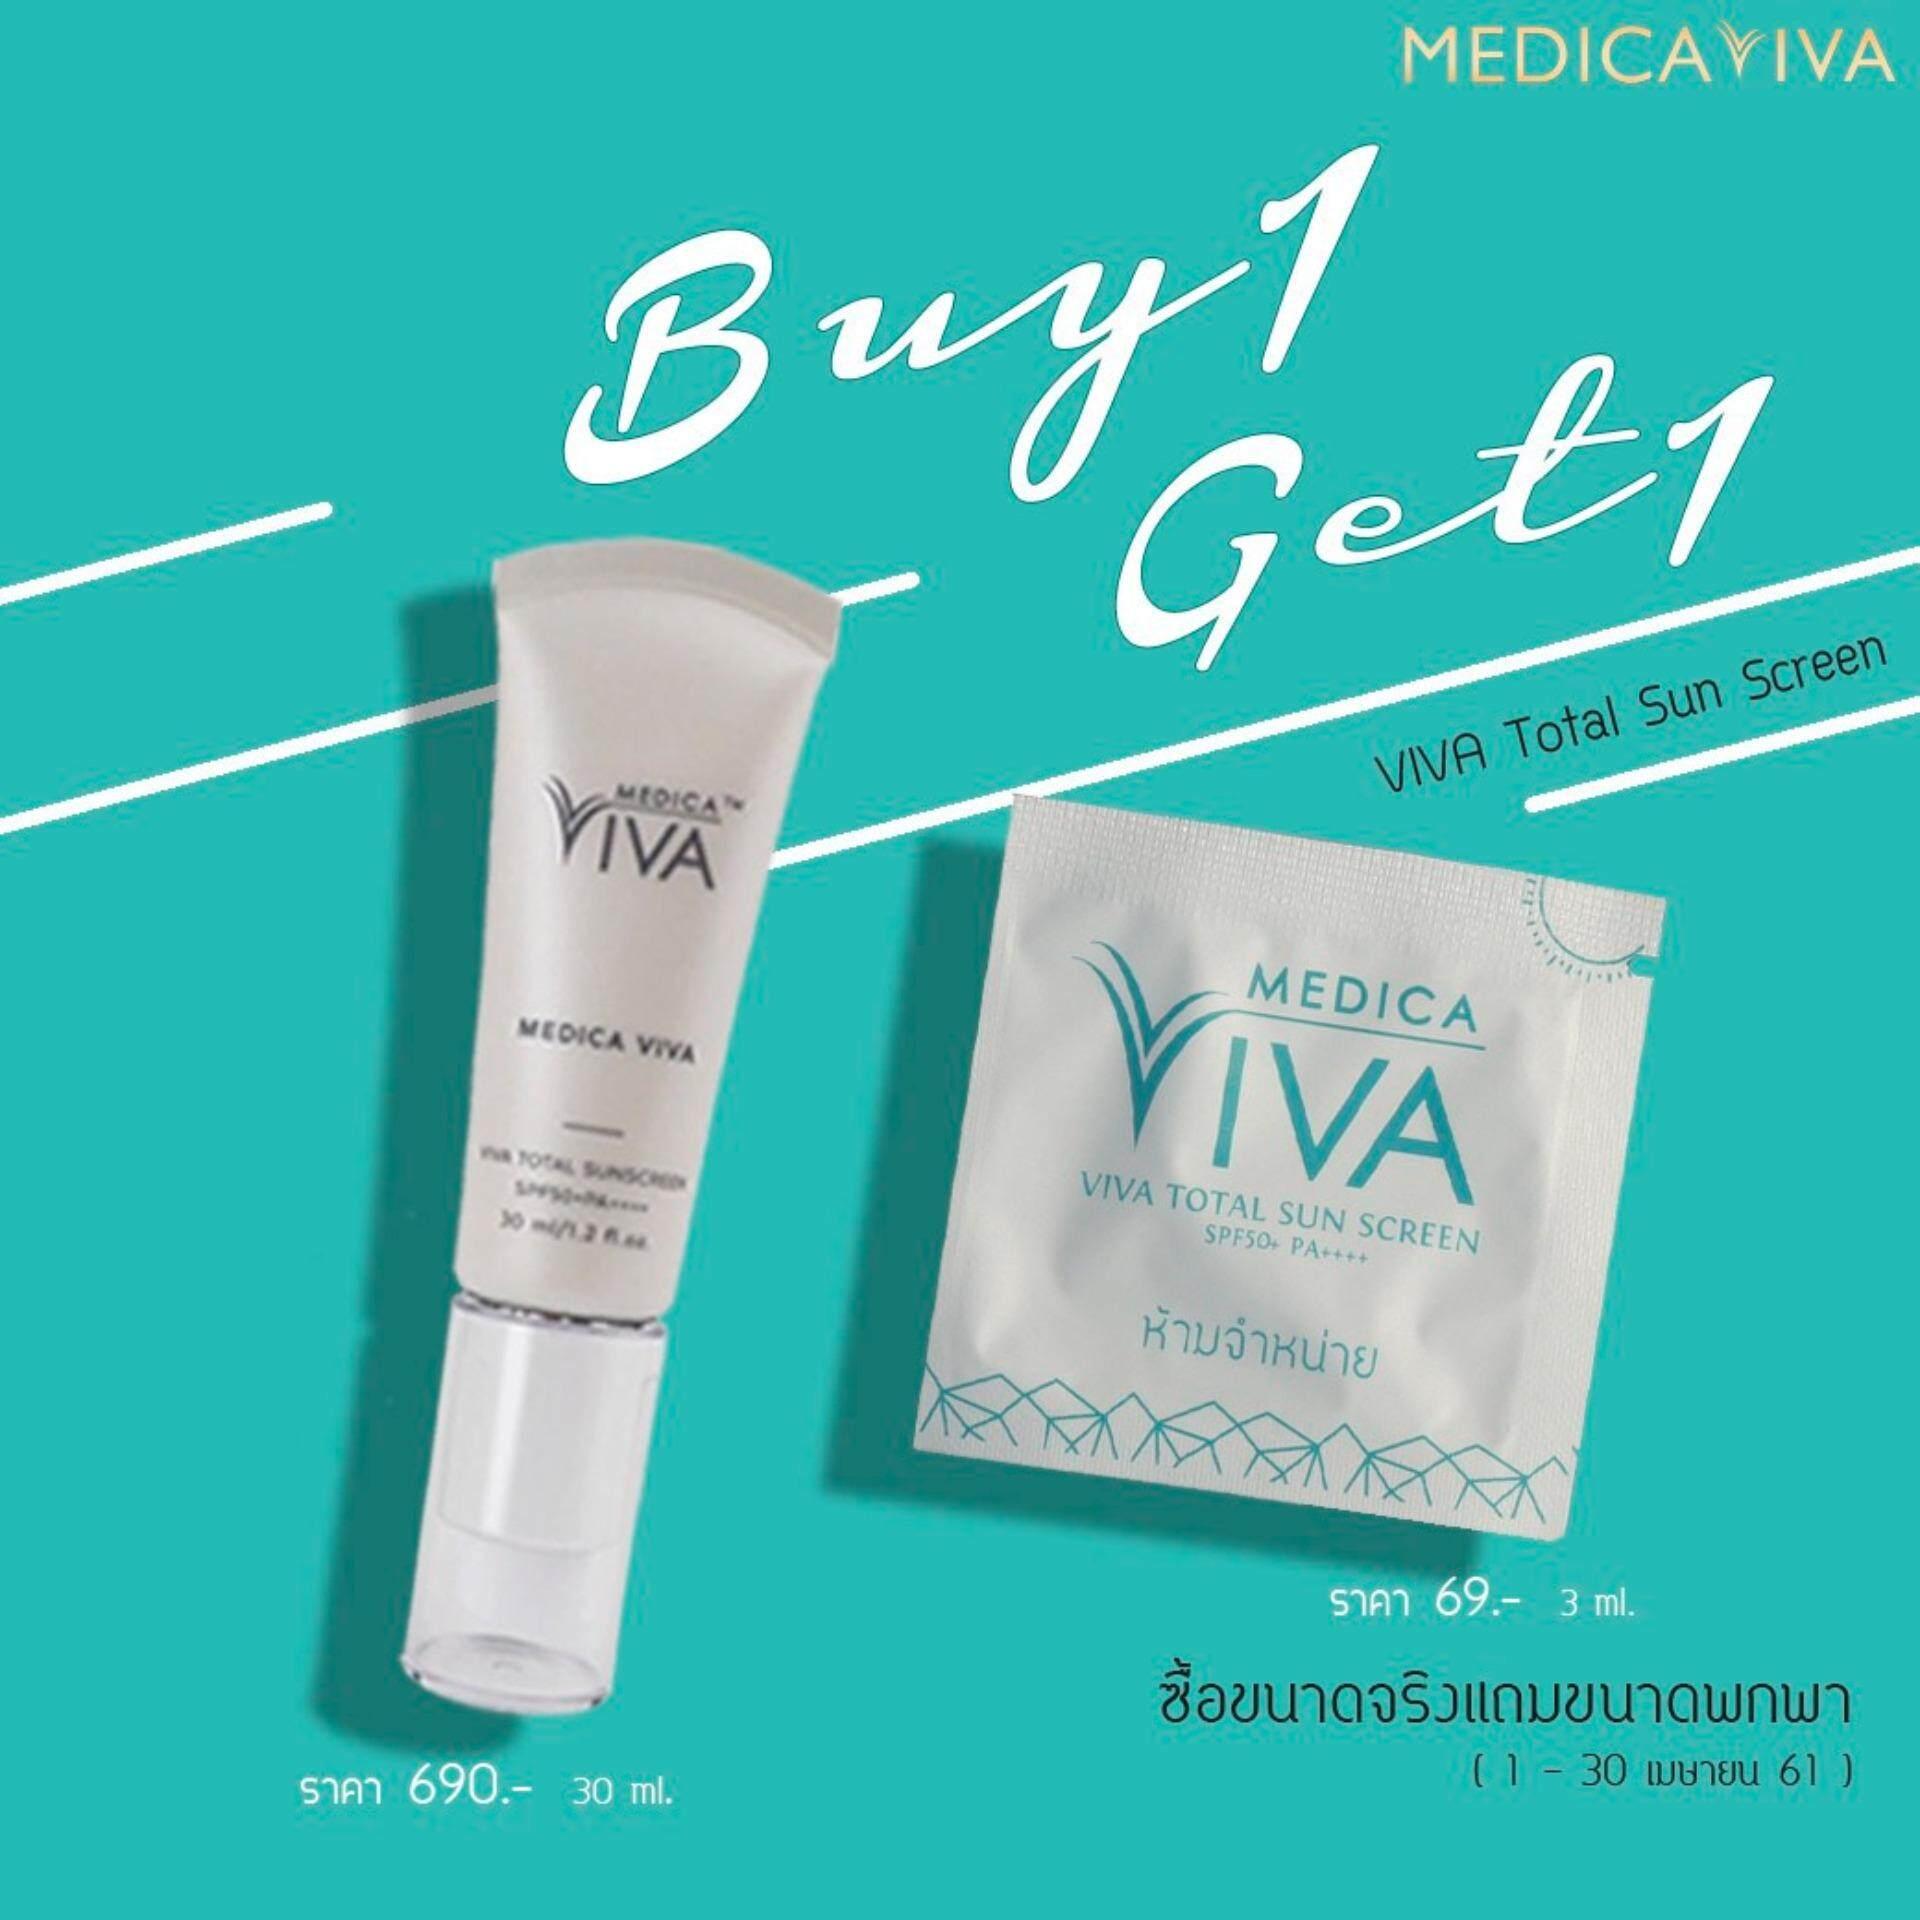 ขาย Medica Viva Total Sunscreen Spf50 Pa กันแดดวิว่า 30 Ml ใหม่